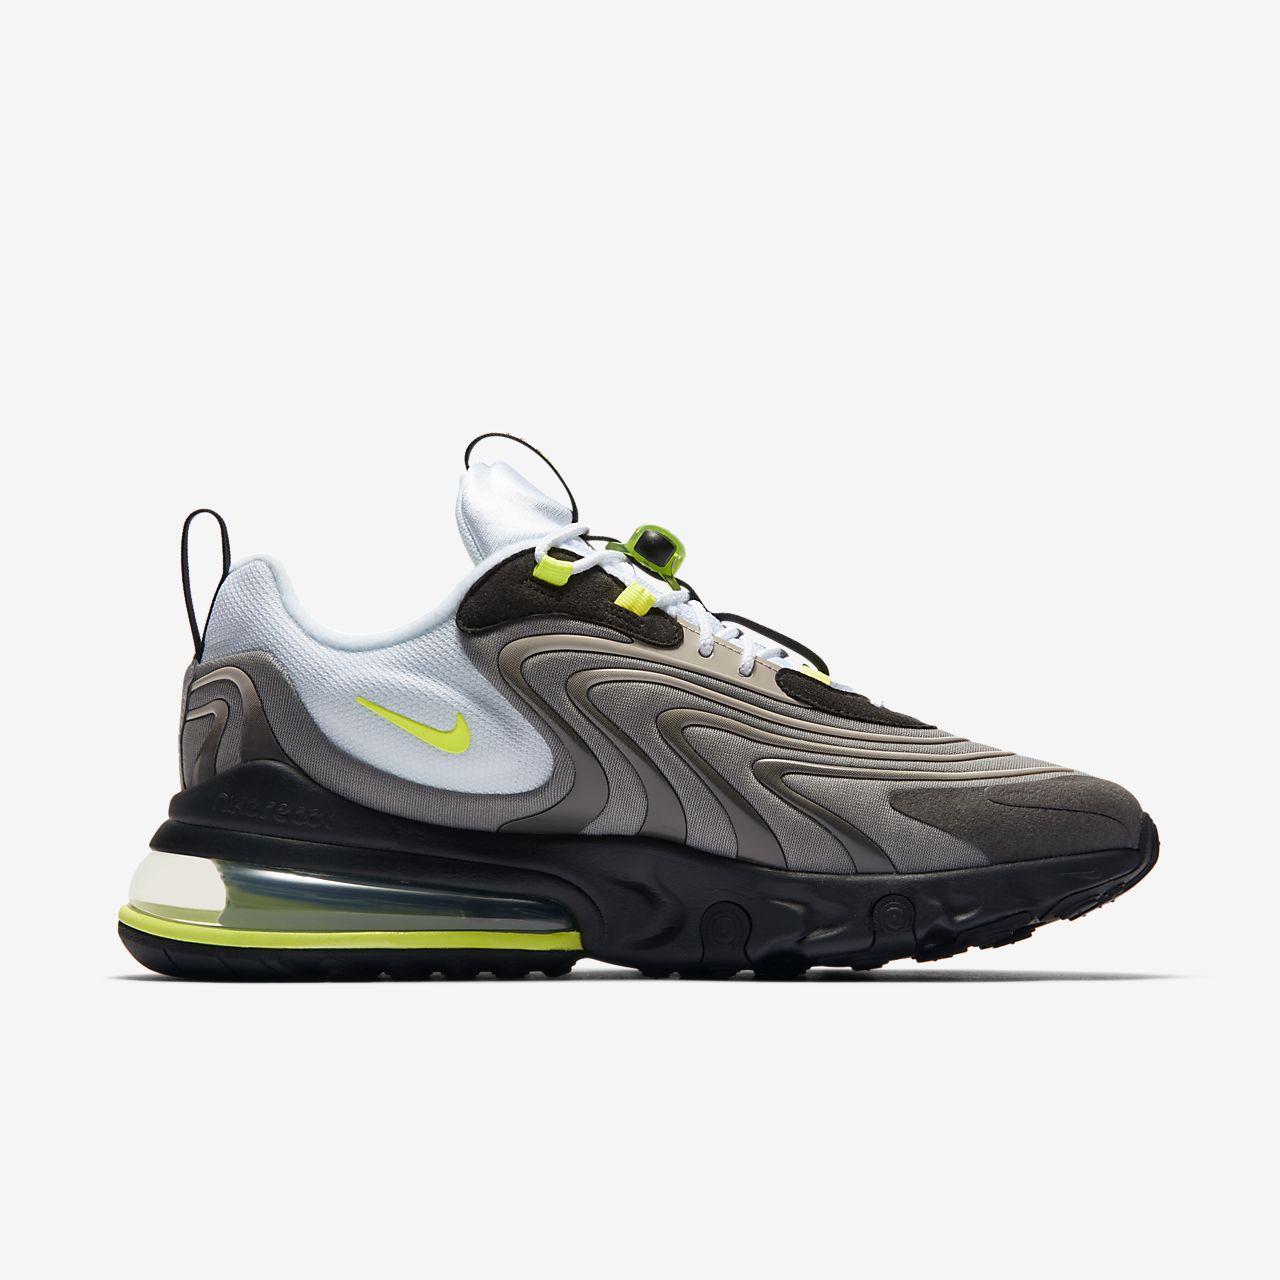 Sapatilhas Nike Air Max 270 ENG para homem